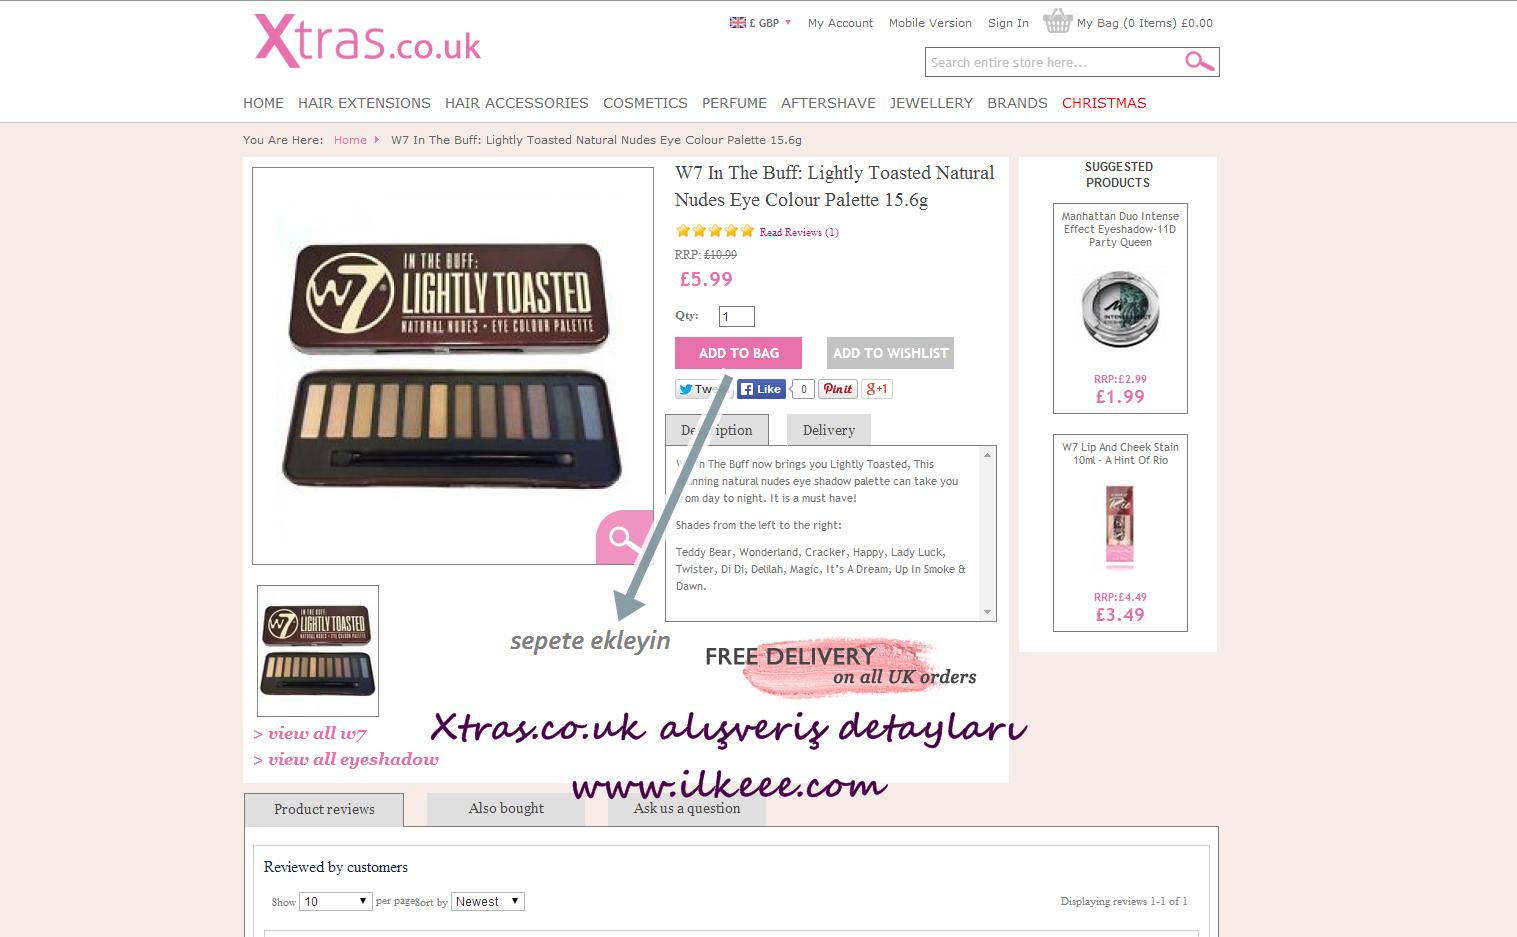 xtras.co.uk alışverişi nasıl yapılır - xtras.co.uk - xtras w7 ürünleri - naked dupe w7 - benefit dupe w7 - too faced dupe w7 - w7 ürünleri kullananlar